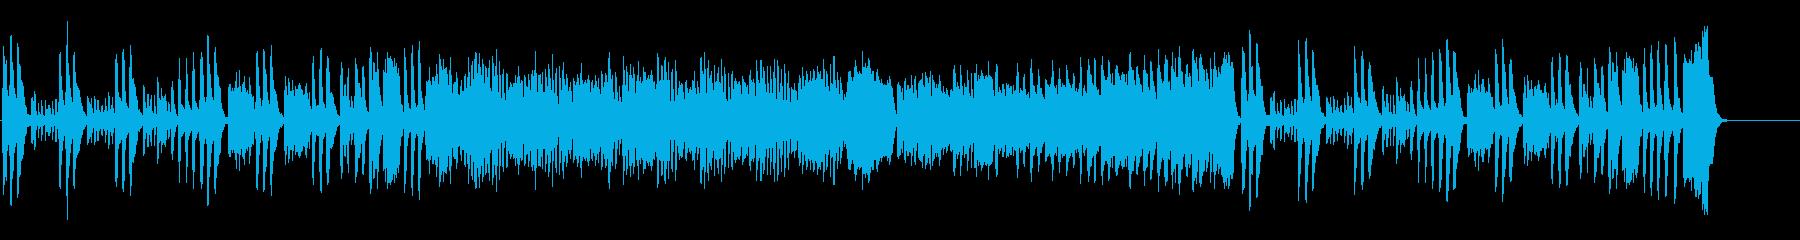 かわいらしいクラシック曲の再生済みの波形